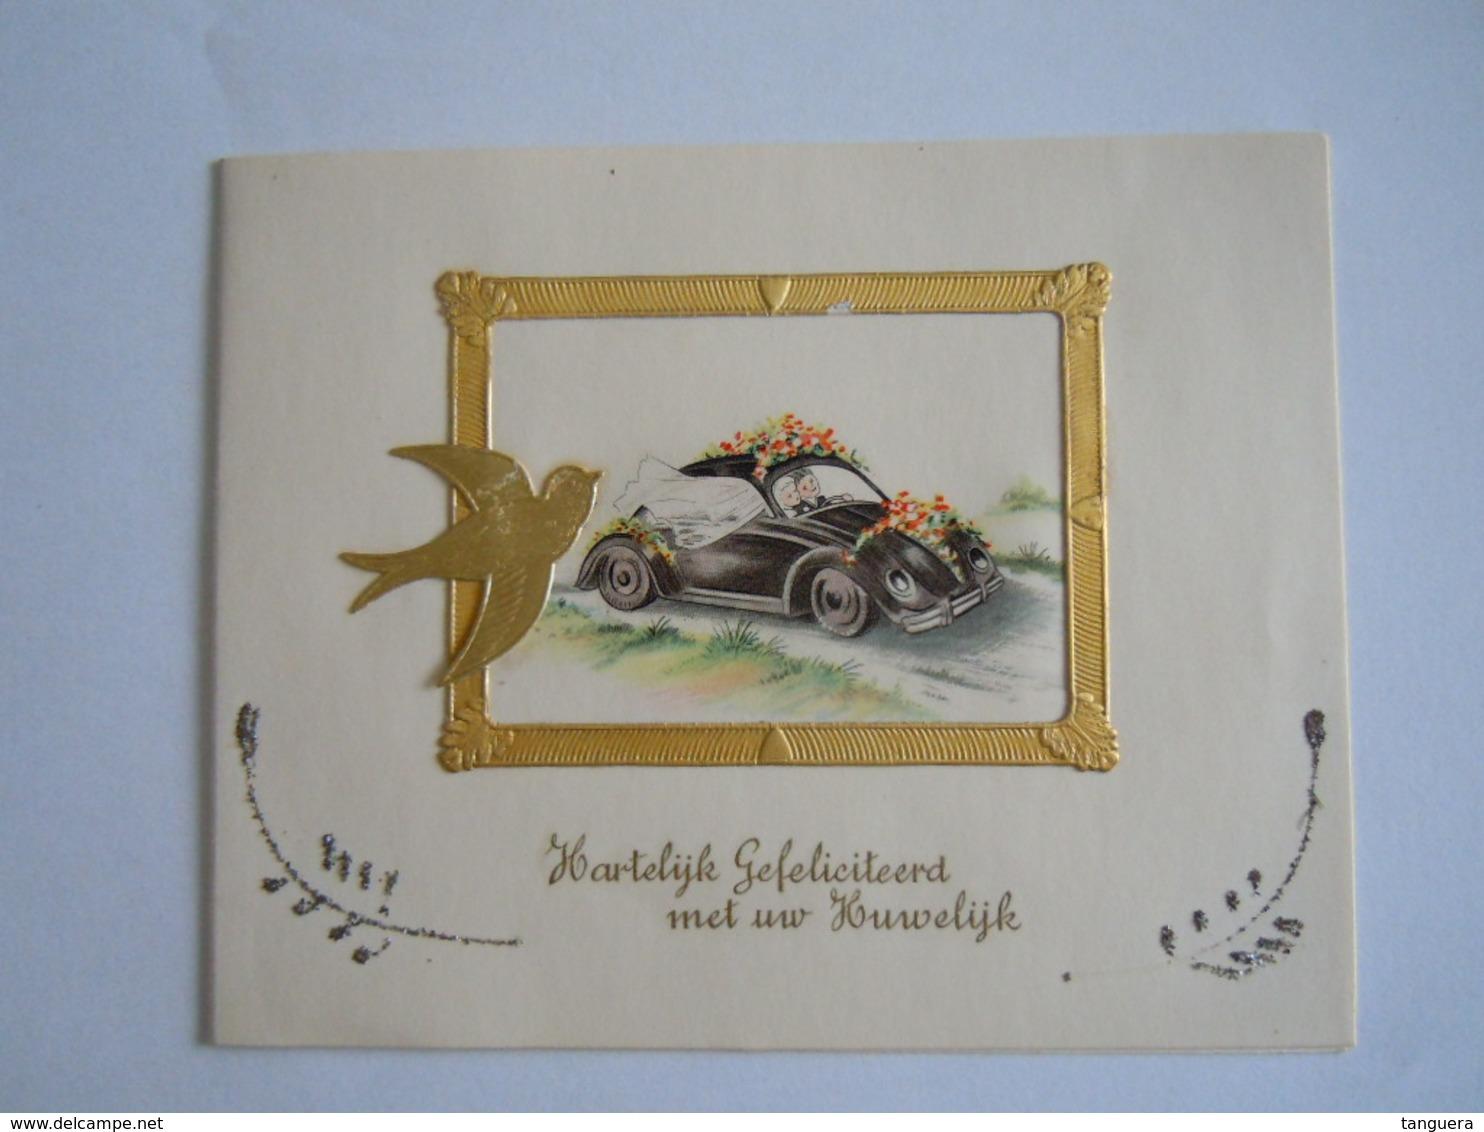 Felicitaties Huwelijk Felicitations De Mariage Carte Double Auto VW Coloprint 11336 Form 14 X 11 Cm - Fêtes - Voeux